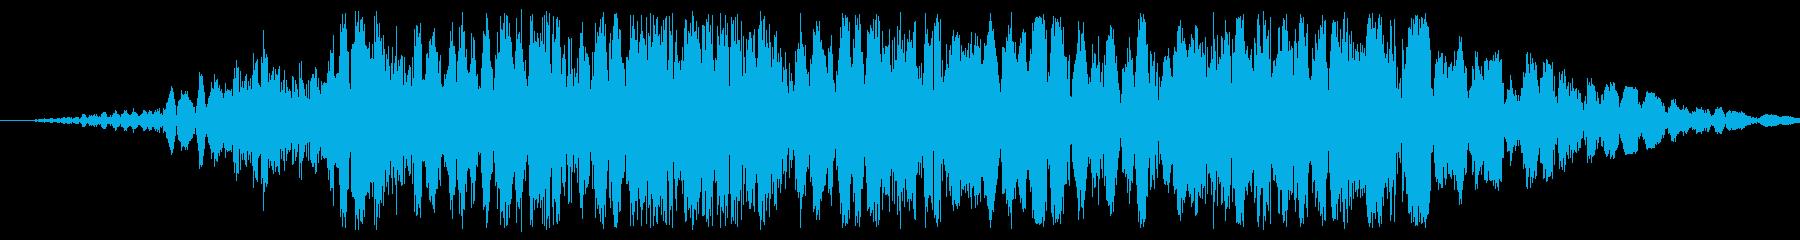 金属摩擦スライドの再生済みの波形